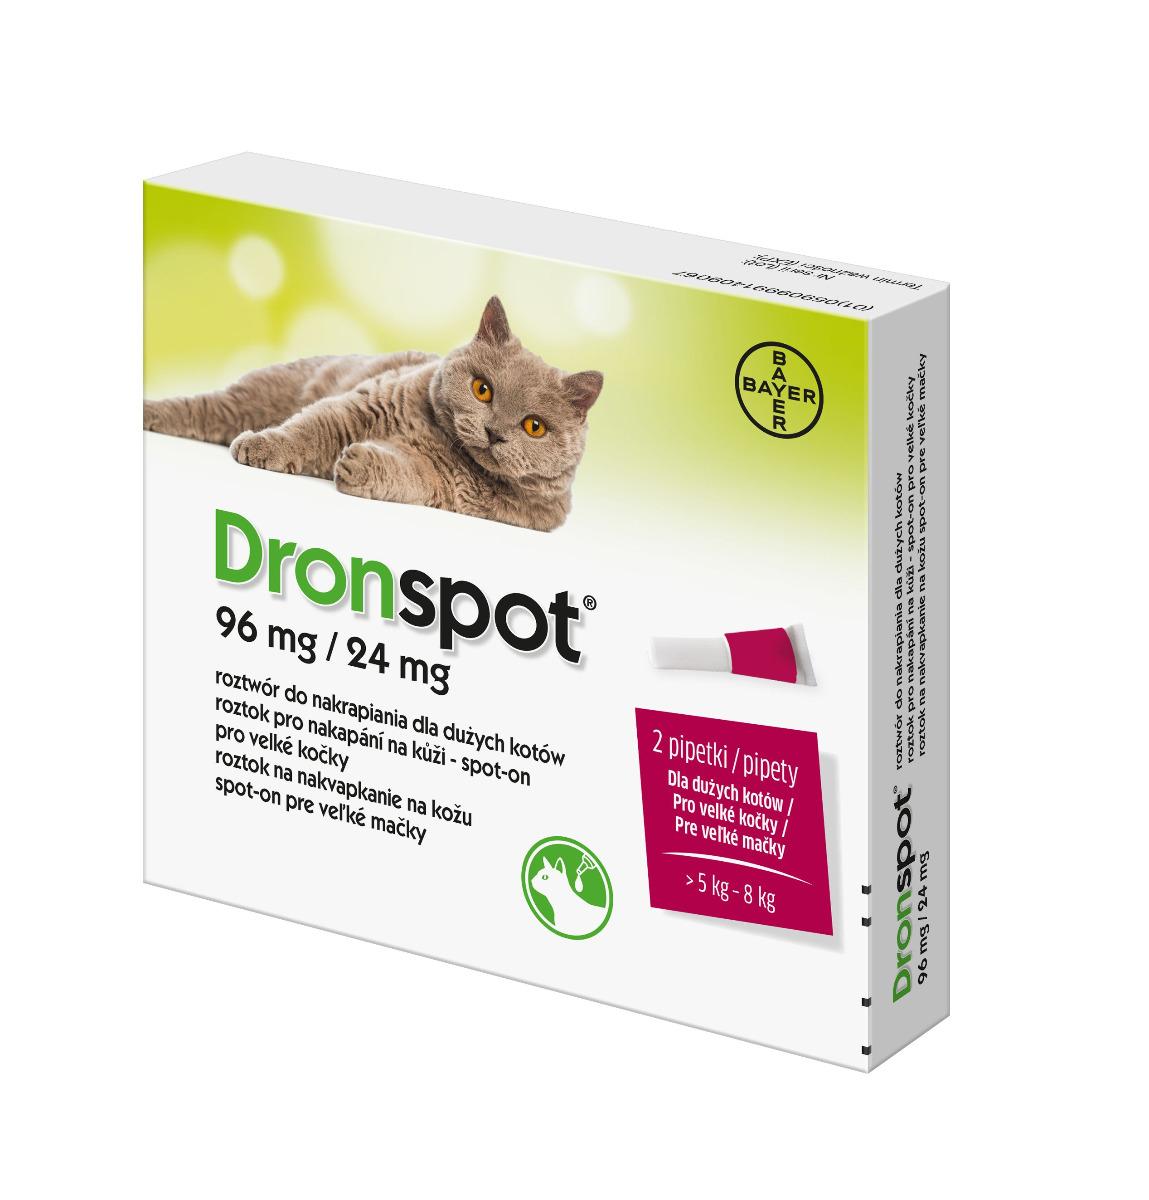 Dronspot 96 mg/24 mg pro velké kočky spot-on 2x1,12 ml